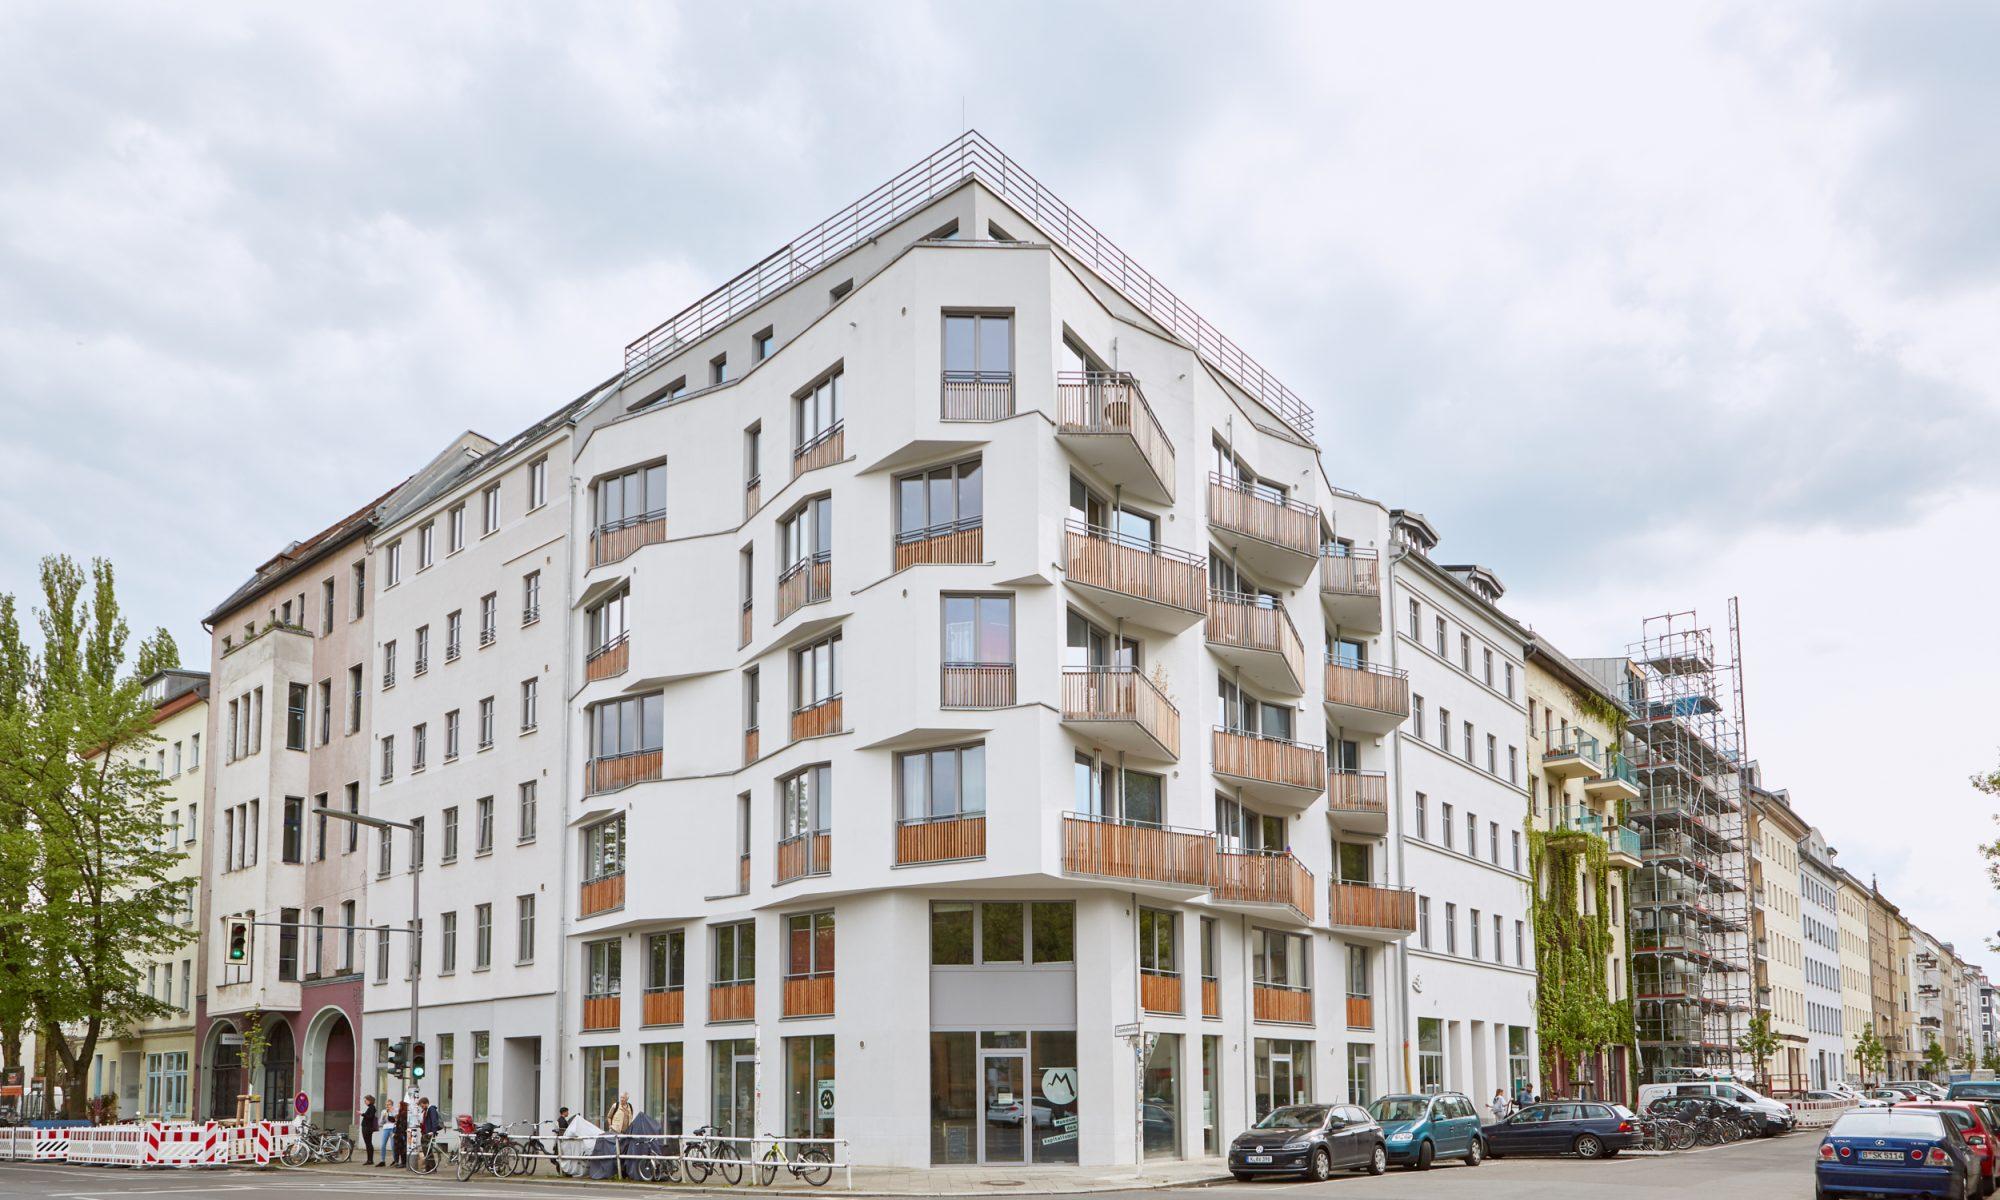 Neubau, Forum Kreuzberg. Derzeitiges Berliner Base-Camp von Lebenswege… und Holistic Biography Work.